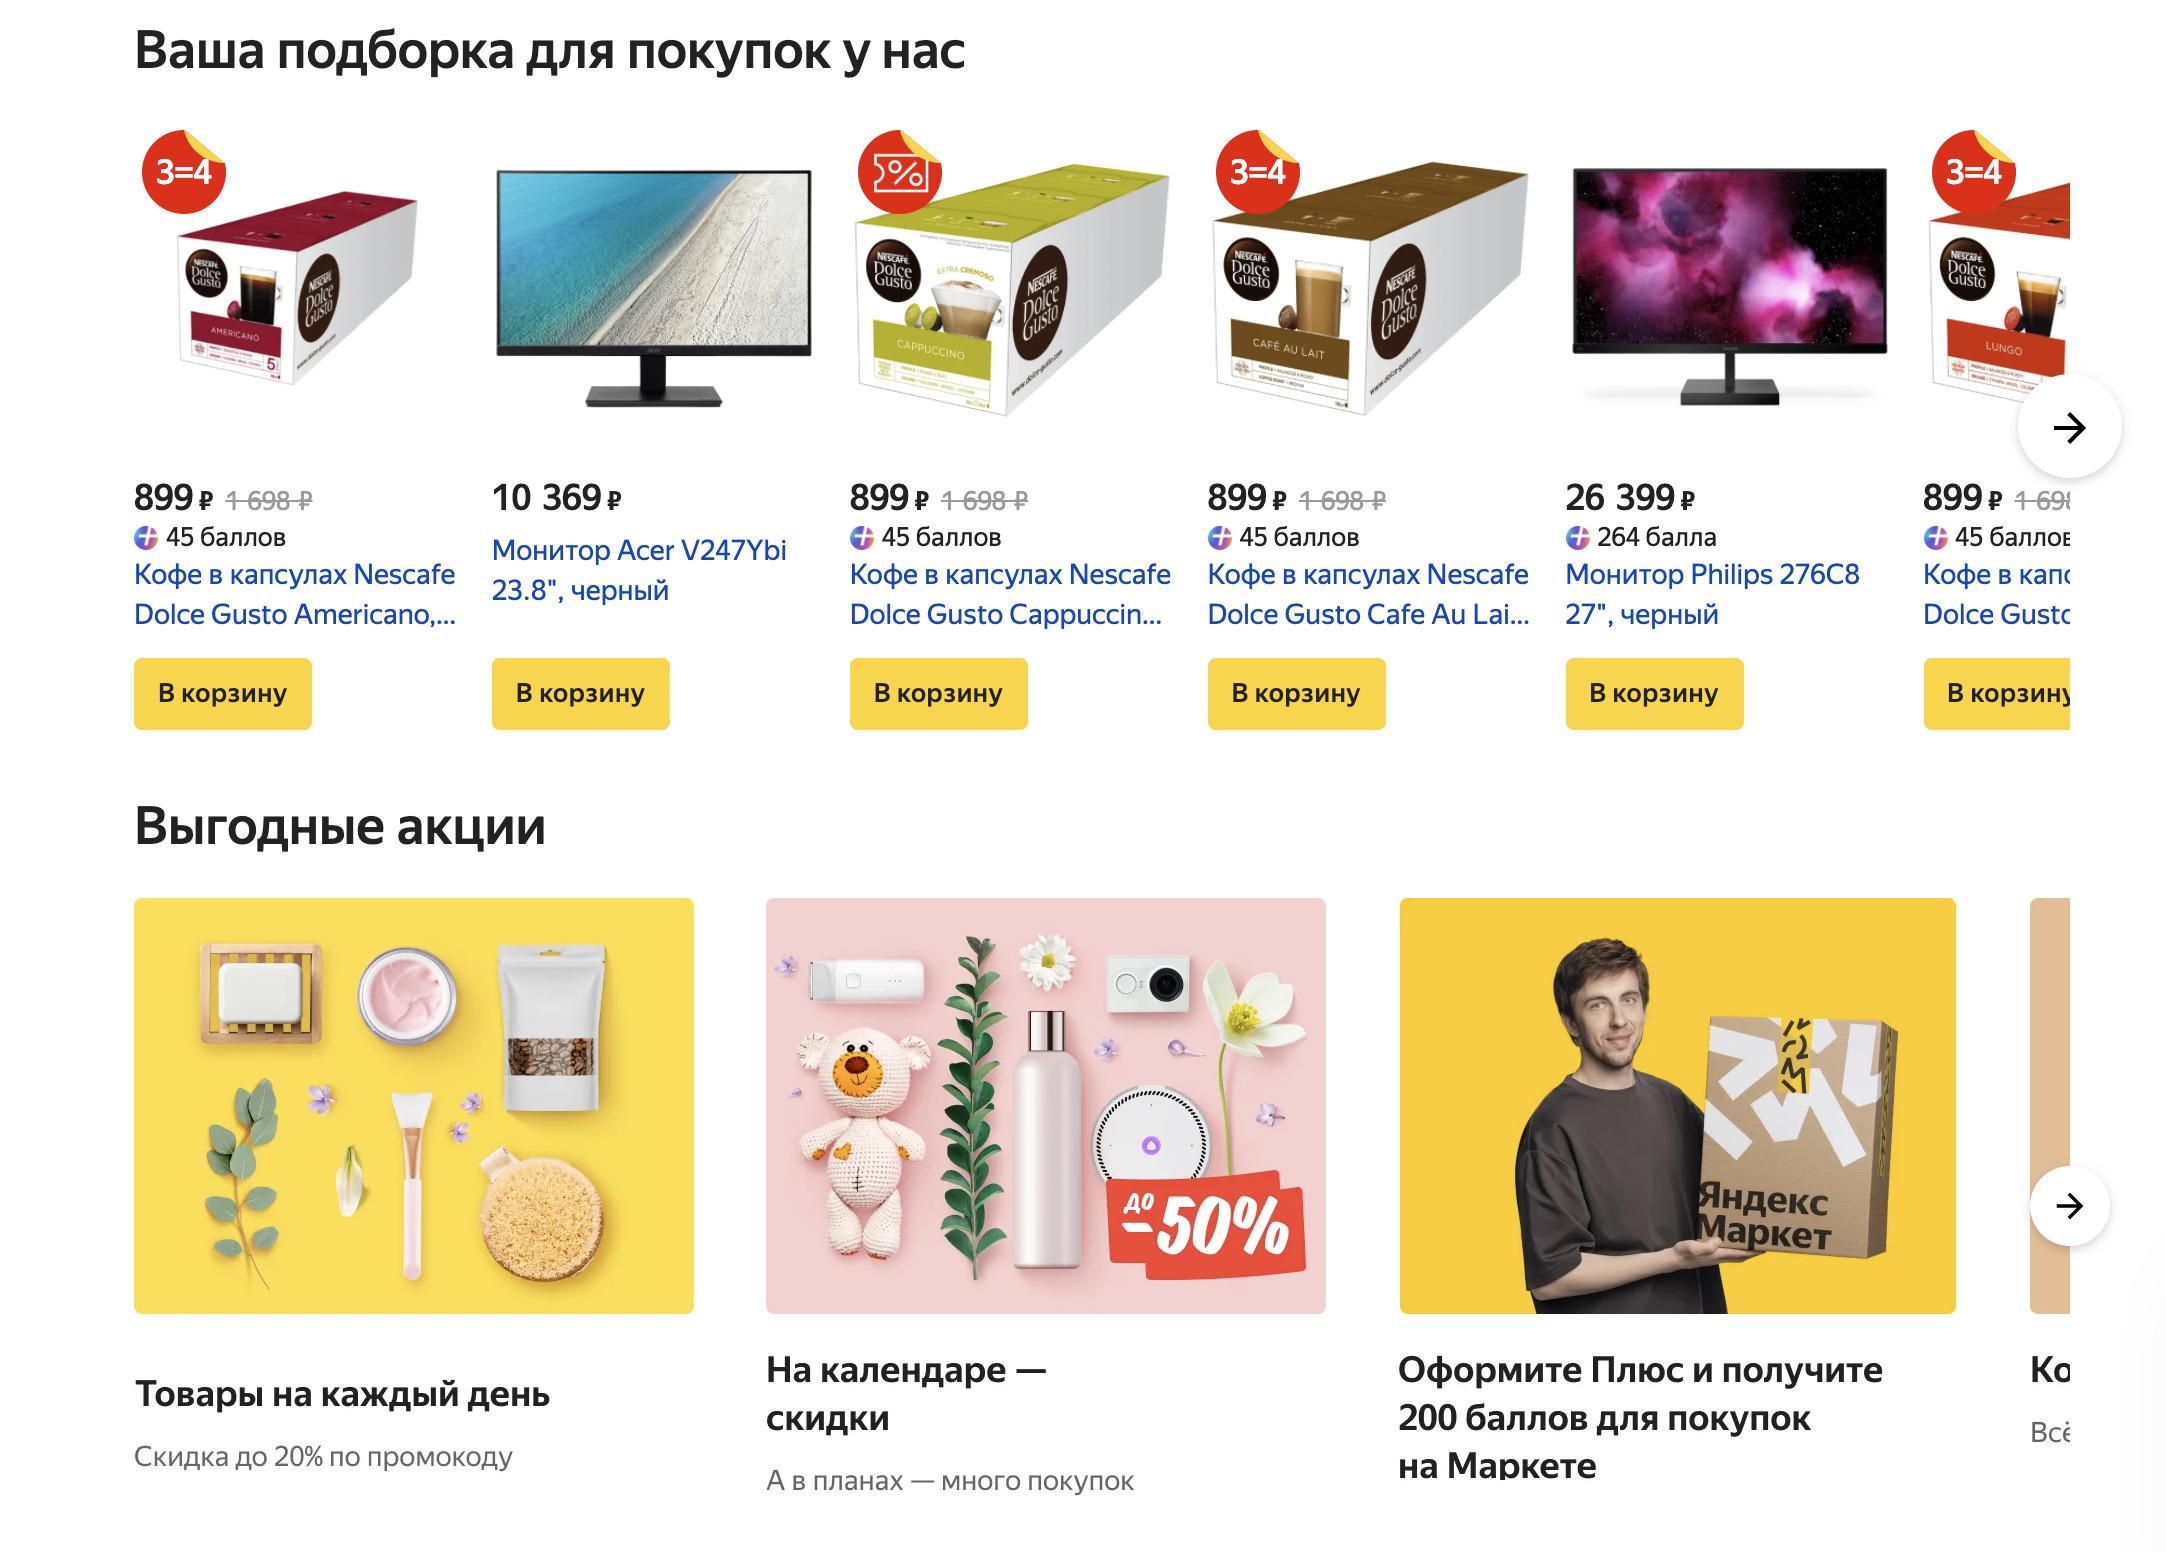 Доставка из Яндекс.Маркет в Павловский Посад, сроки, пункты выдачи, каталог